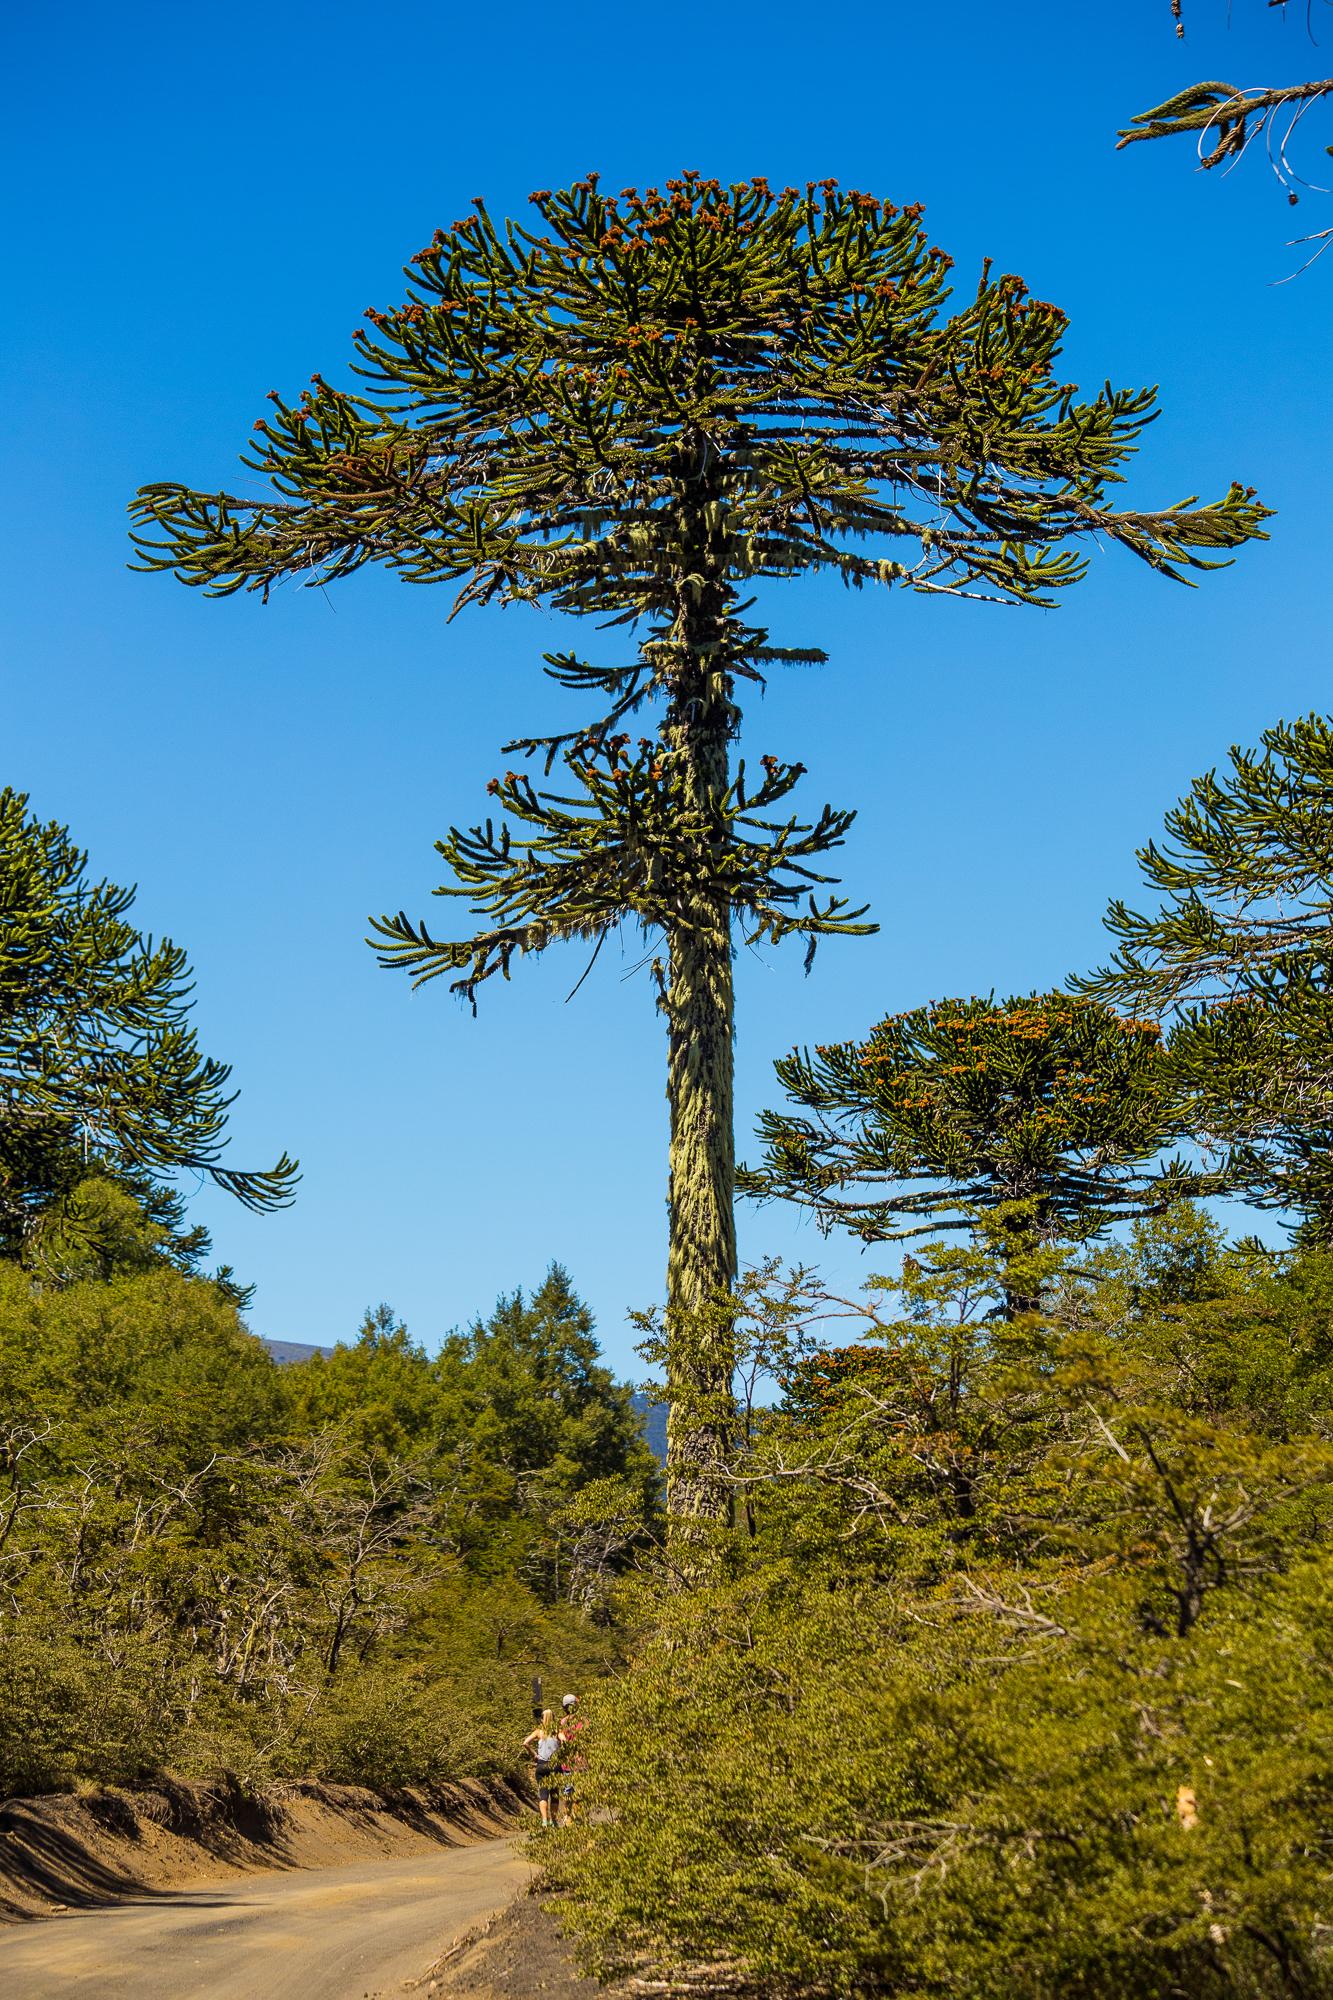 Araucaria en Parque Nacional Conguillio